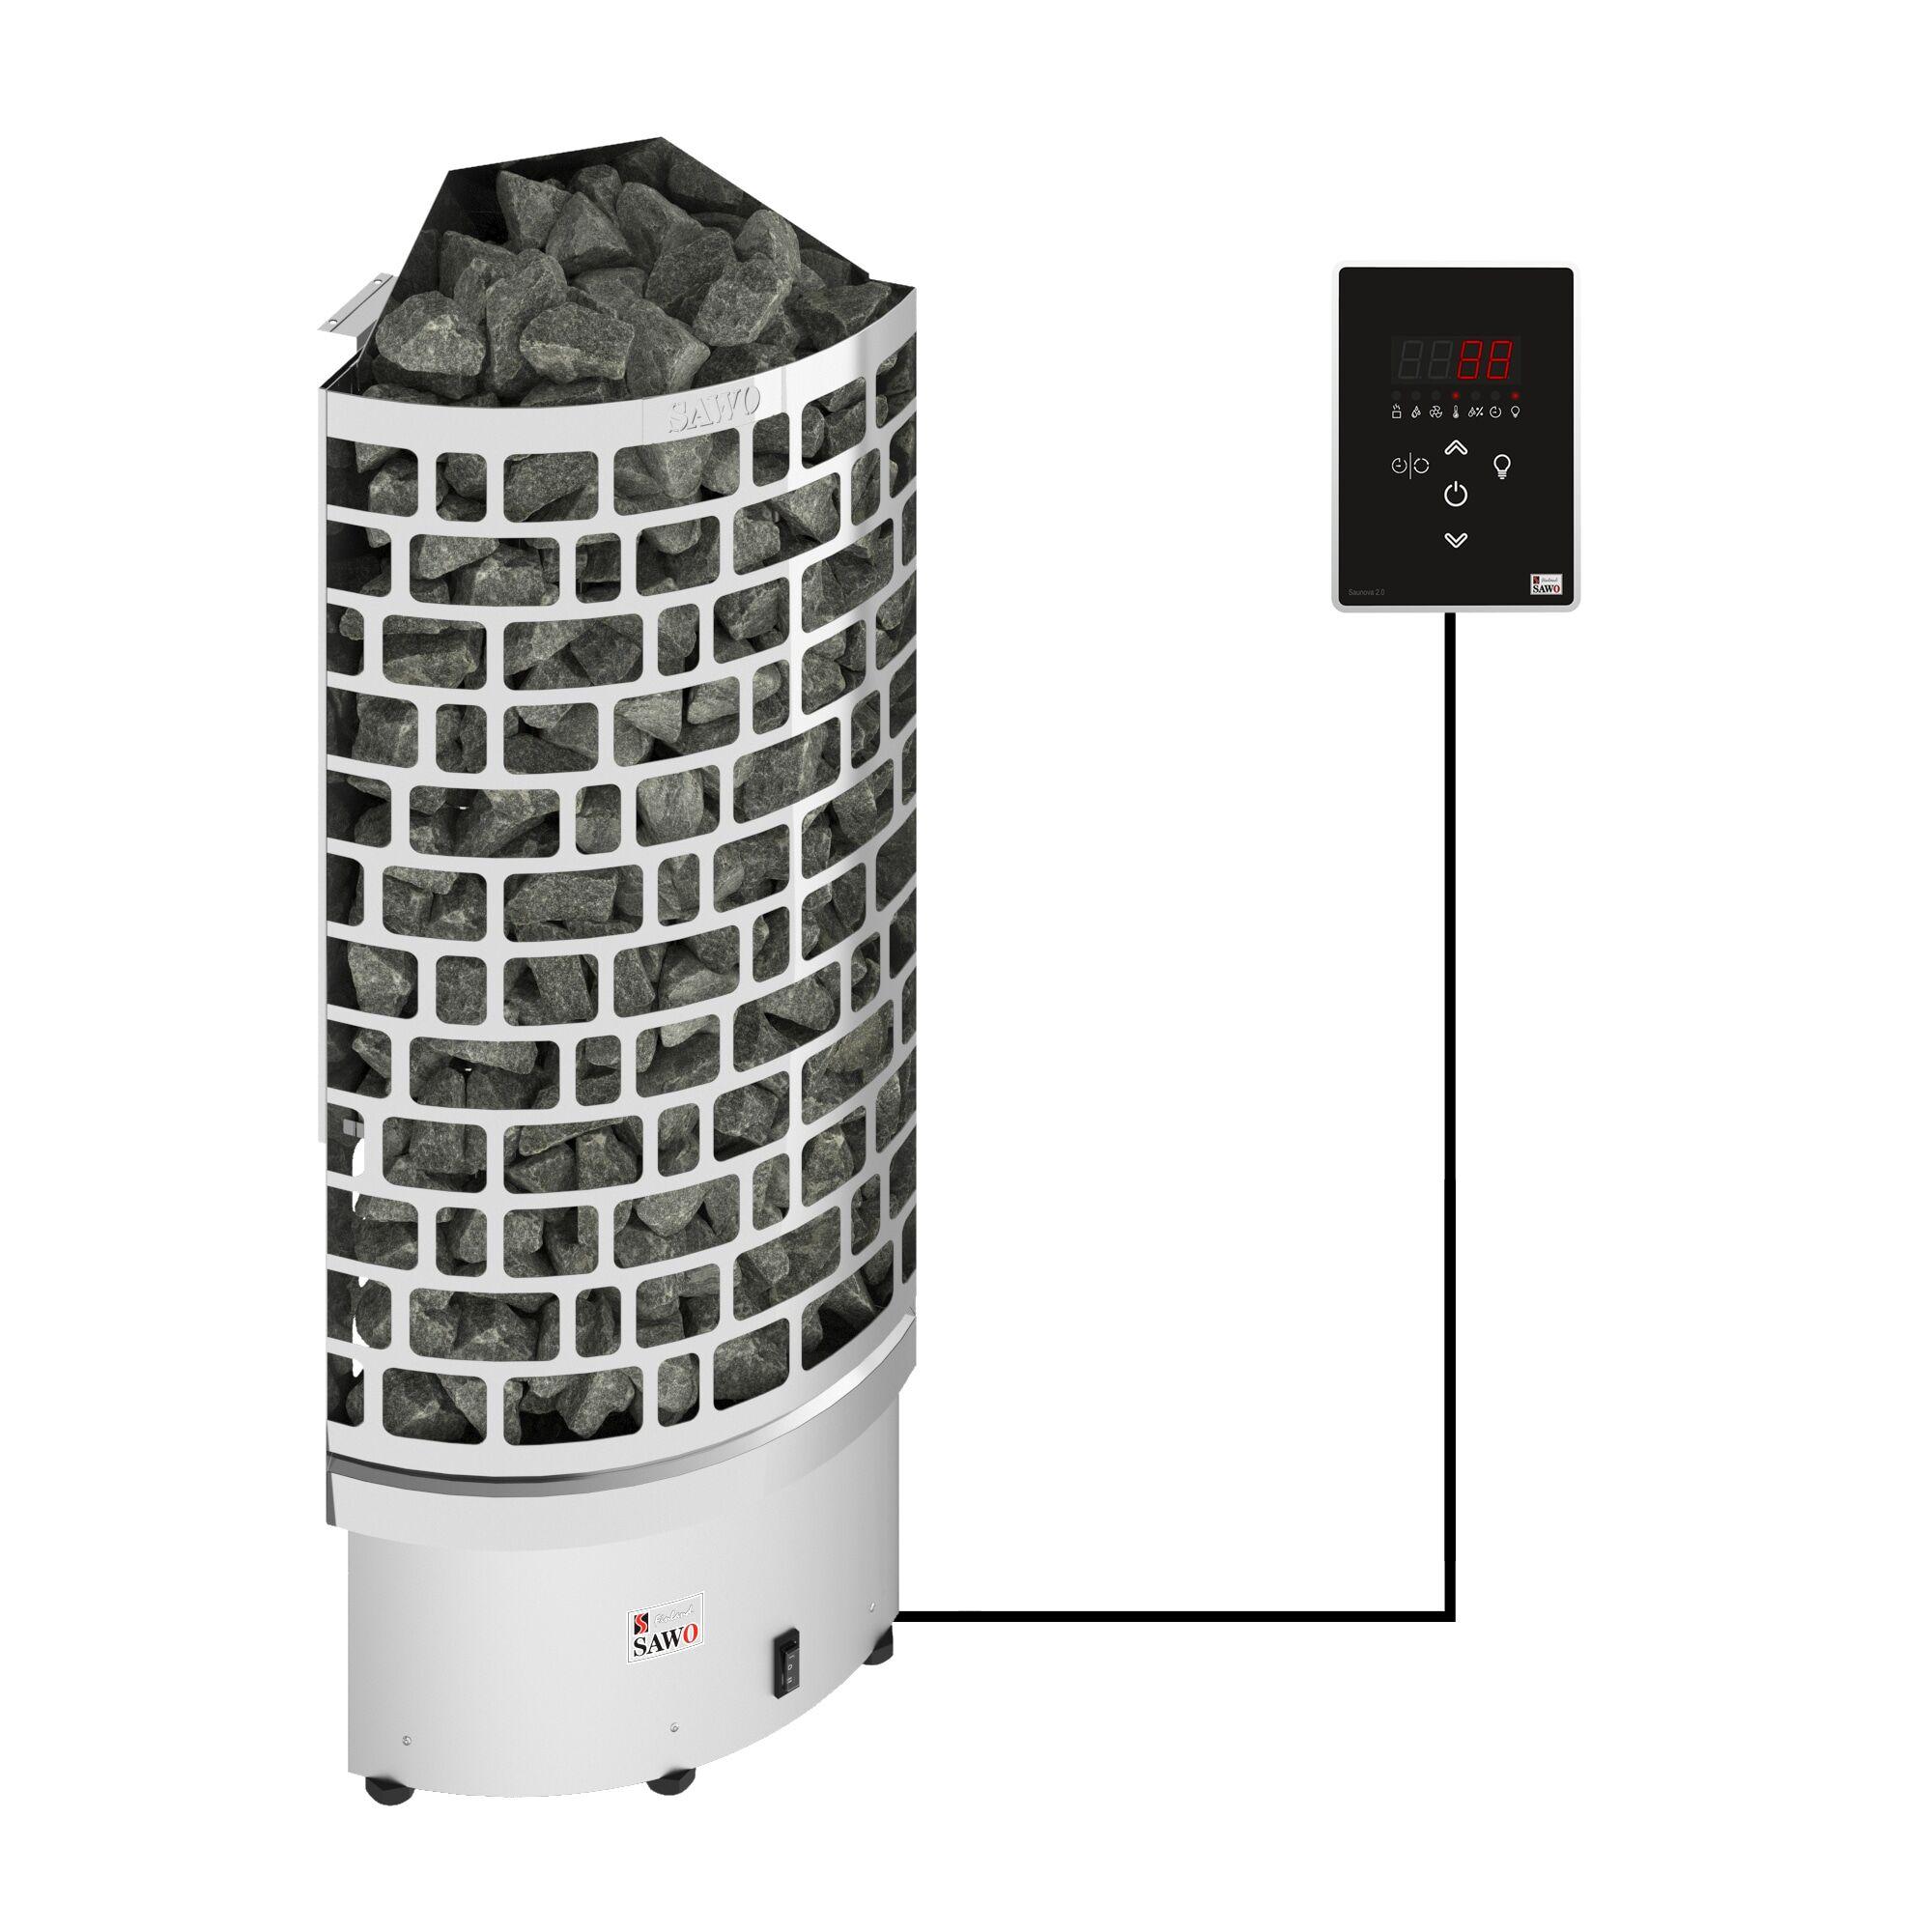 Sawo Aries Corner Ni2 4,5 kW sähkökiuas erillisellä ohjauskeskuksella